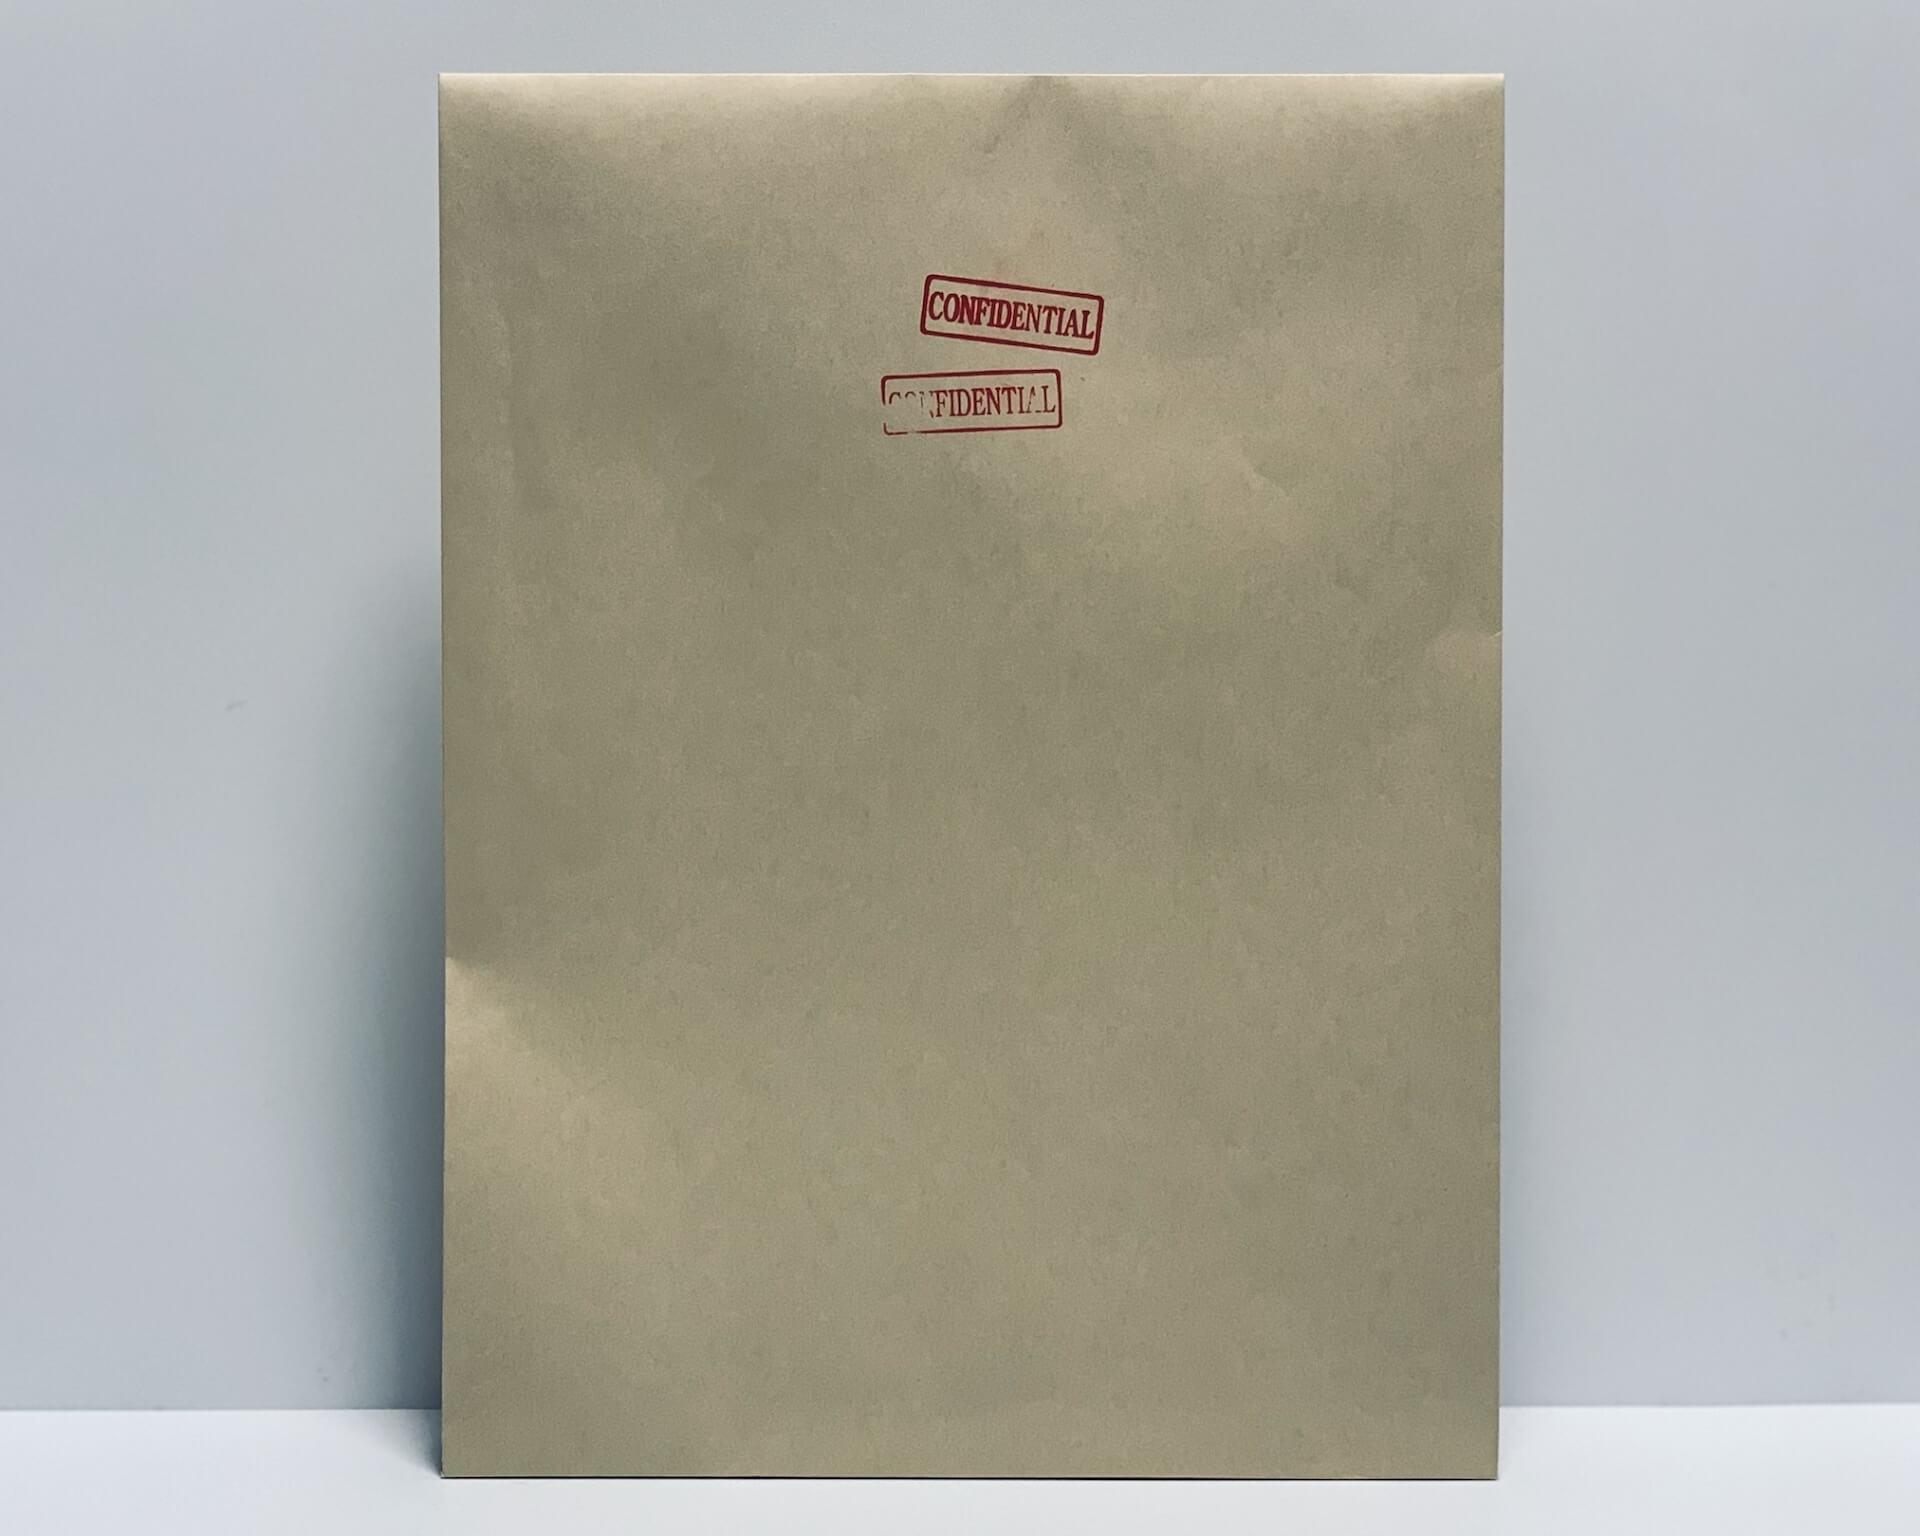 謎のオンラインショップ『TAKAIWORLD』より、高岩遼が27歳までに刻んだタトゥーのスクラップブックが発売 art_culture200618-takaiworld-6